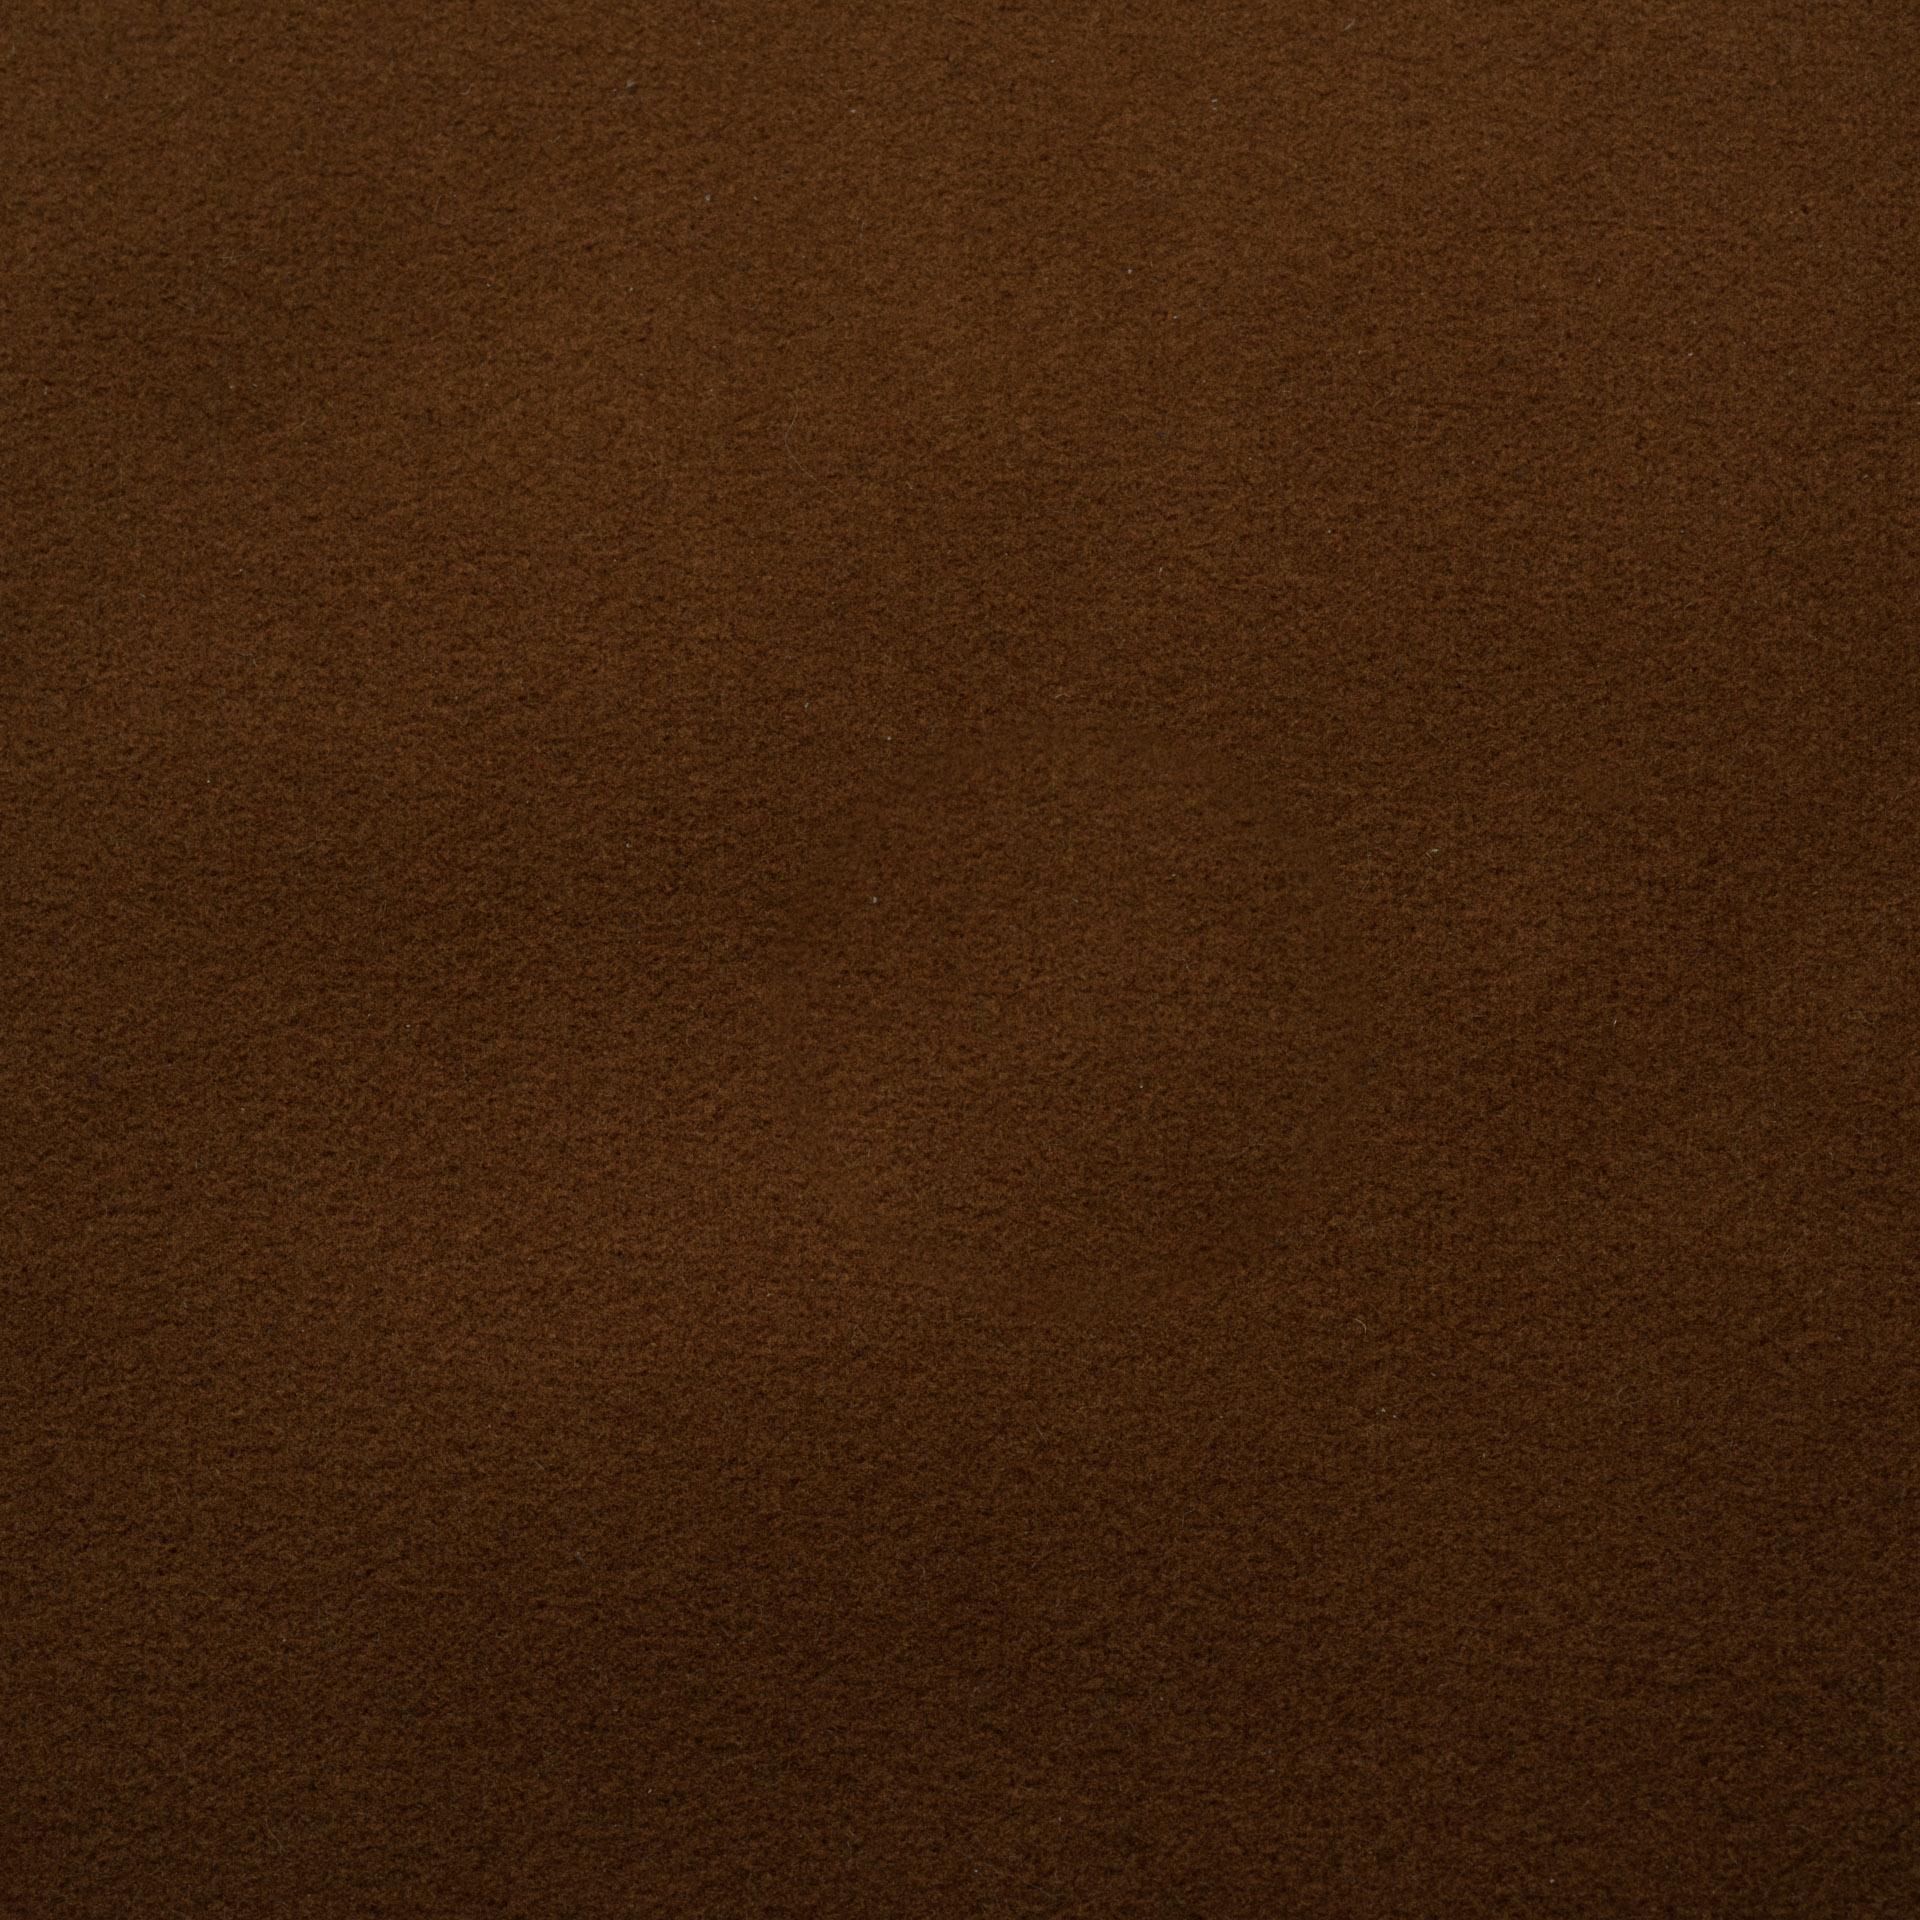 Коллекция ткани Багира 03 INDIAN SPICE,  купить ткань Велюр для мебели Украина